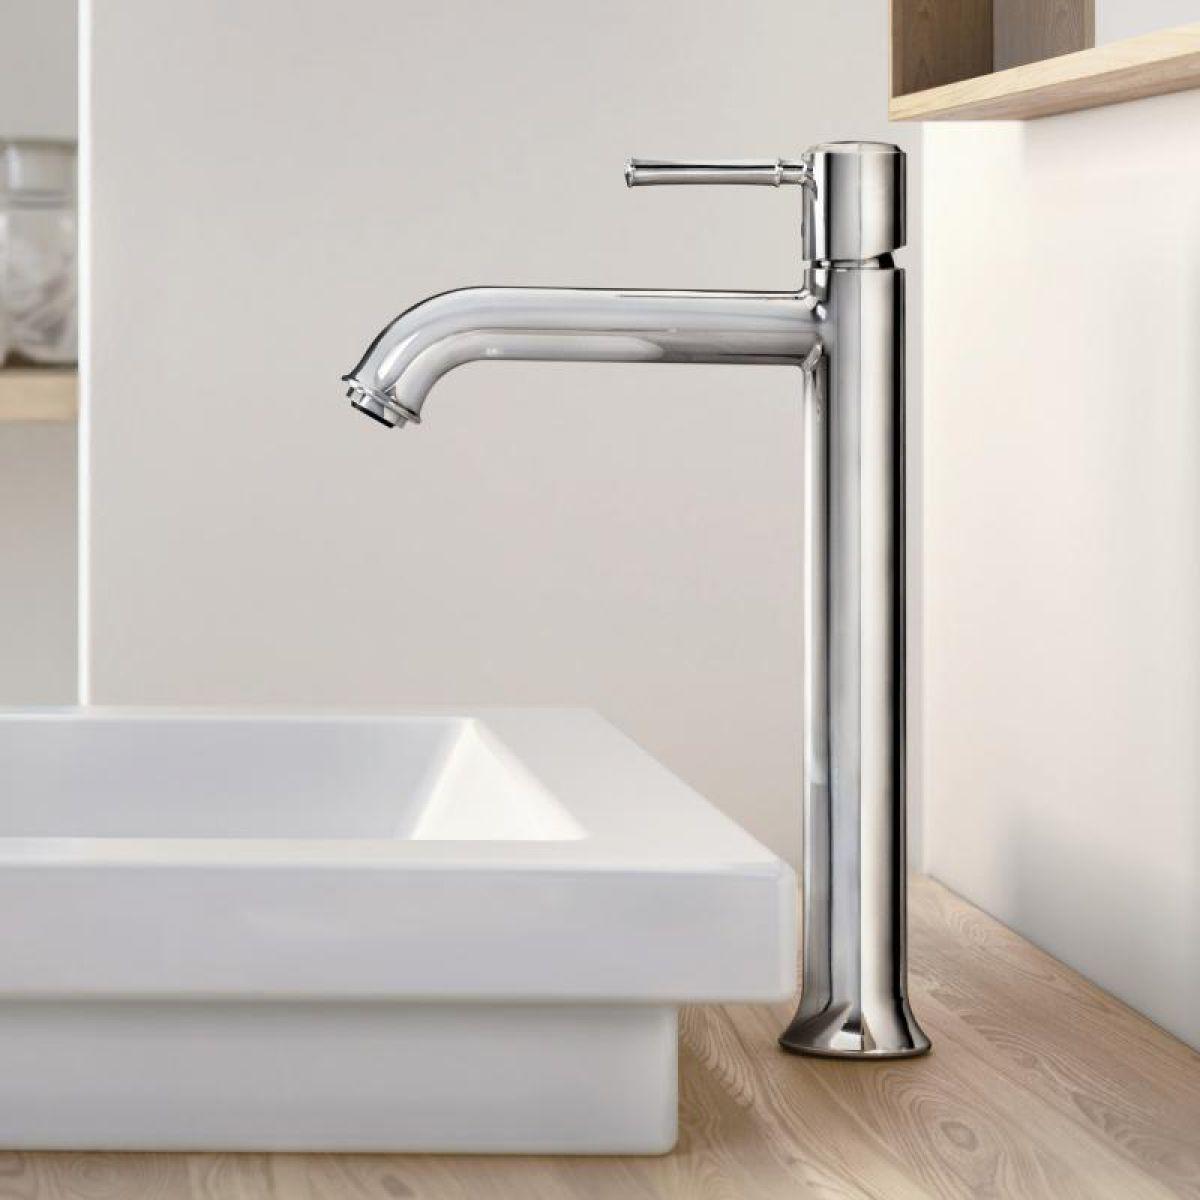 hansgrohe talis classic tall basin mixer set uk bathrooms. Black Bedroom Furniture Sets. Home Design Ideas